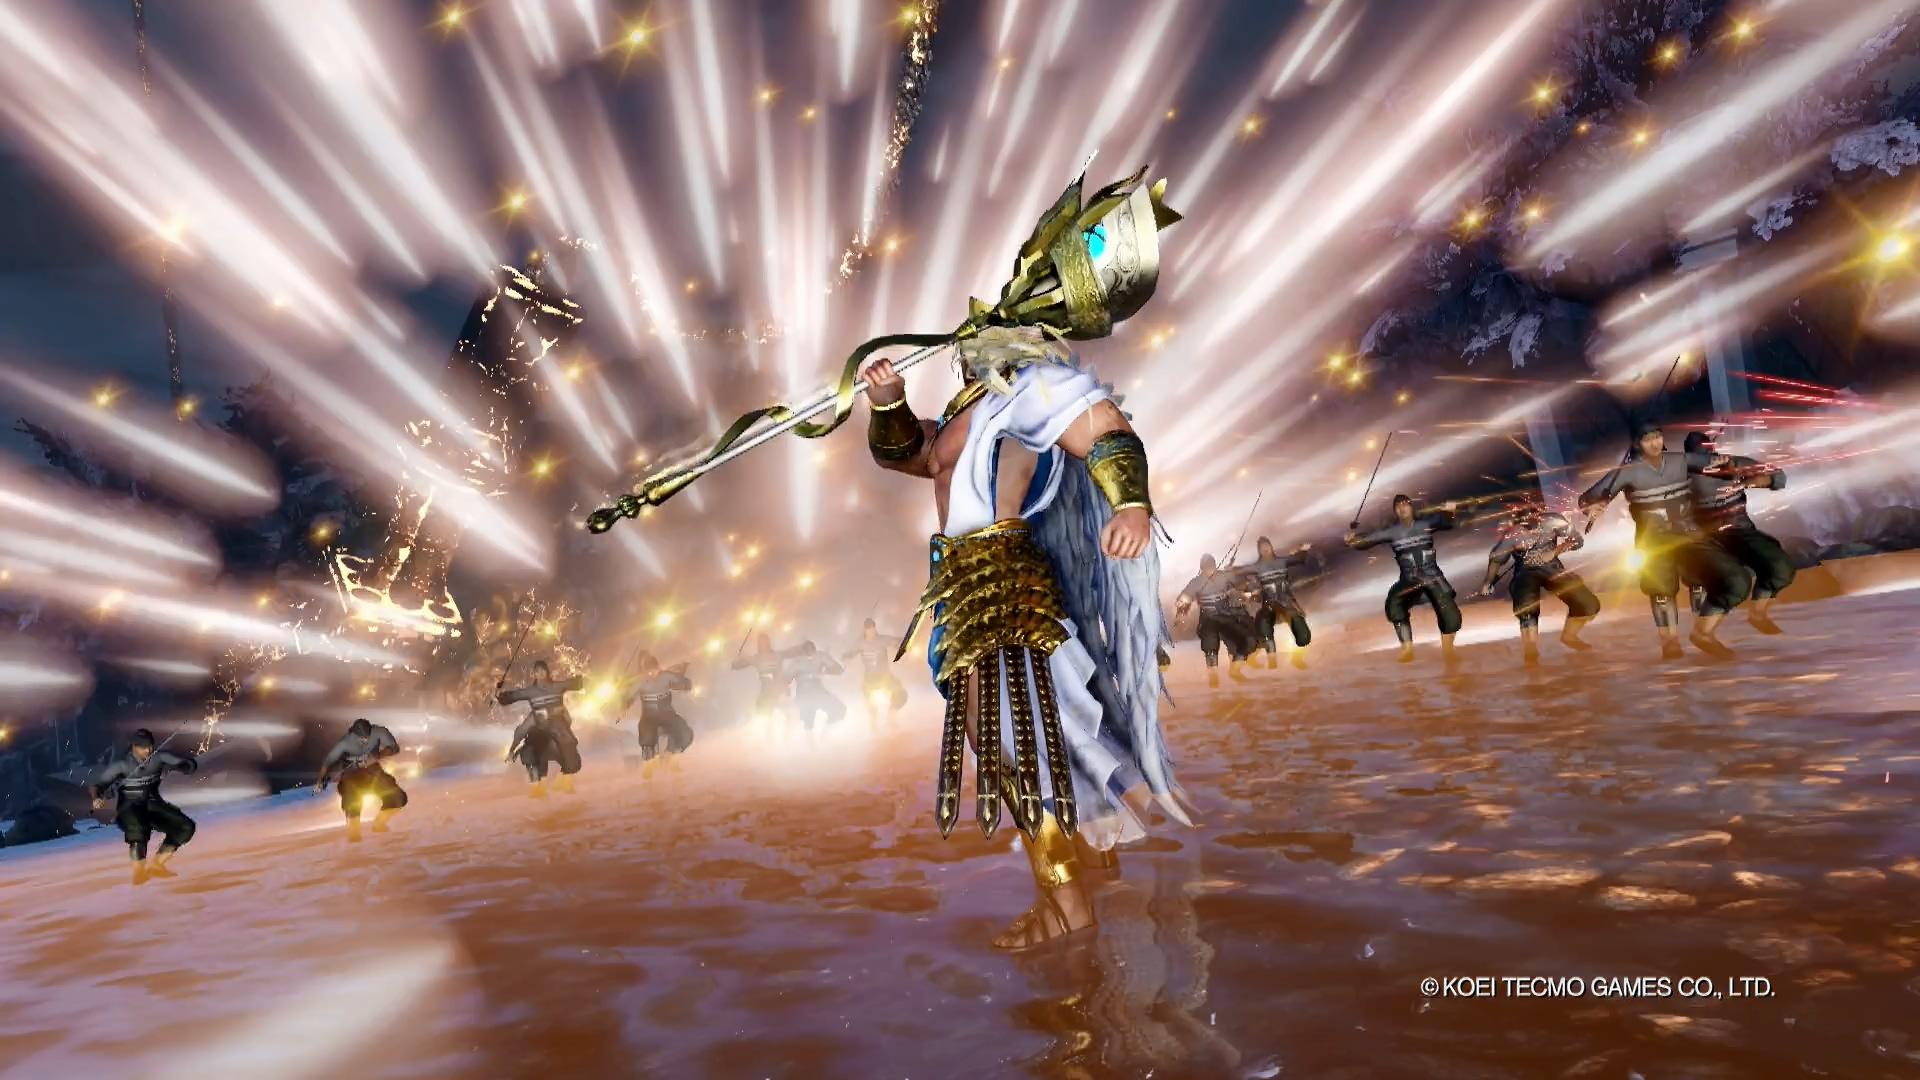 《无双大蛇3》首个实机演示公布 宙斯操控雷电强势登场